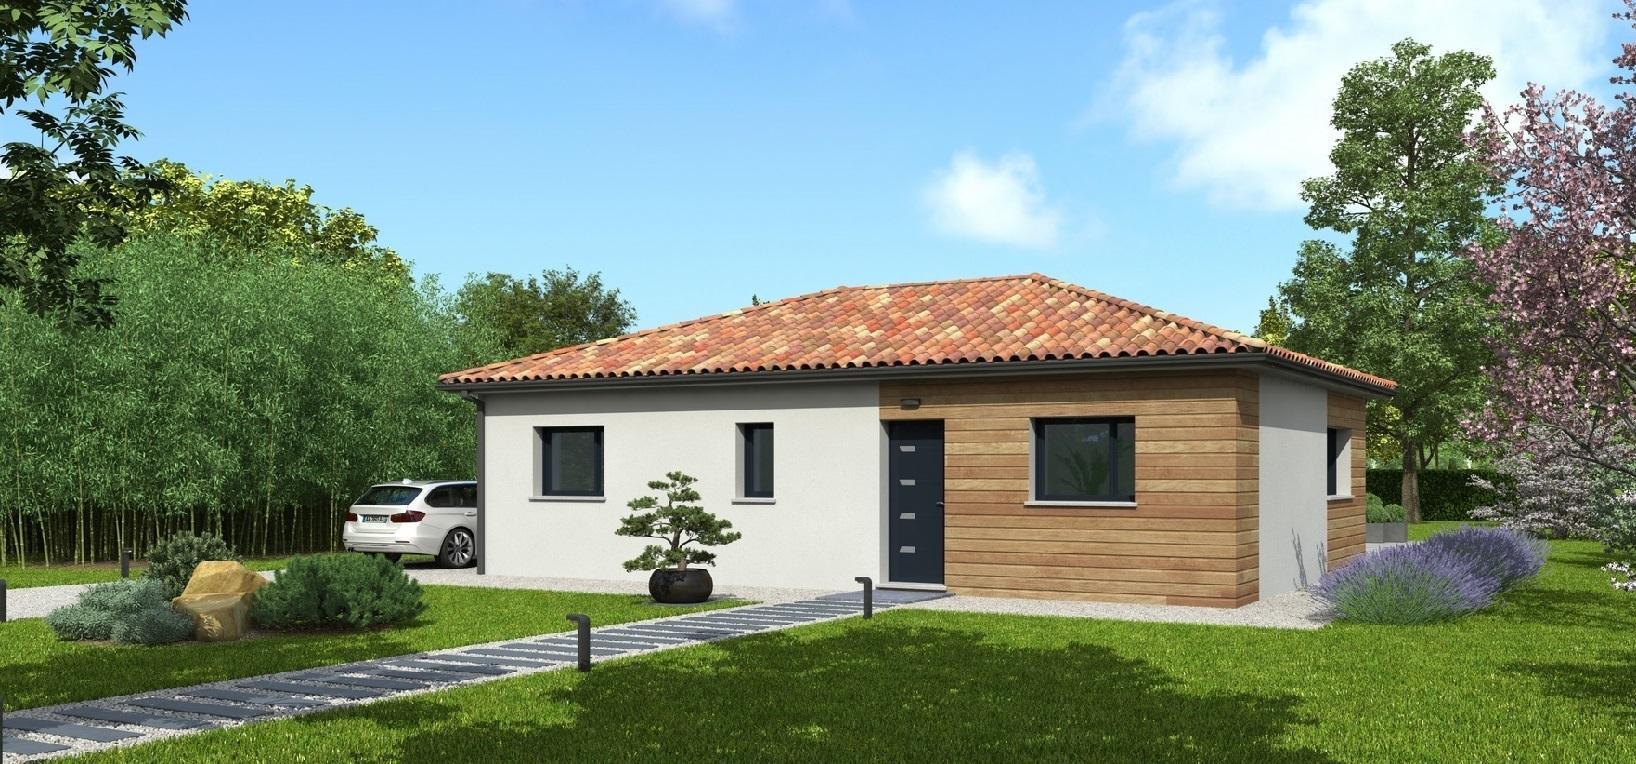 Maisons du constructeur NATILIA AVIGNON • 92 m² • CARPENTRAS